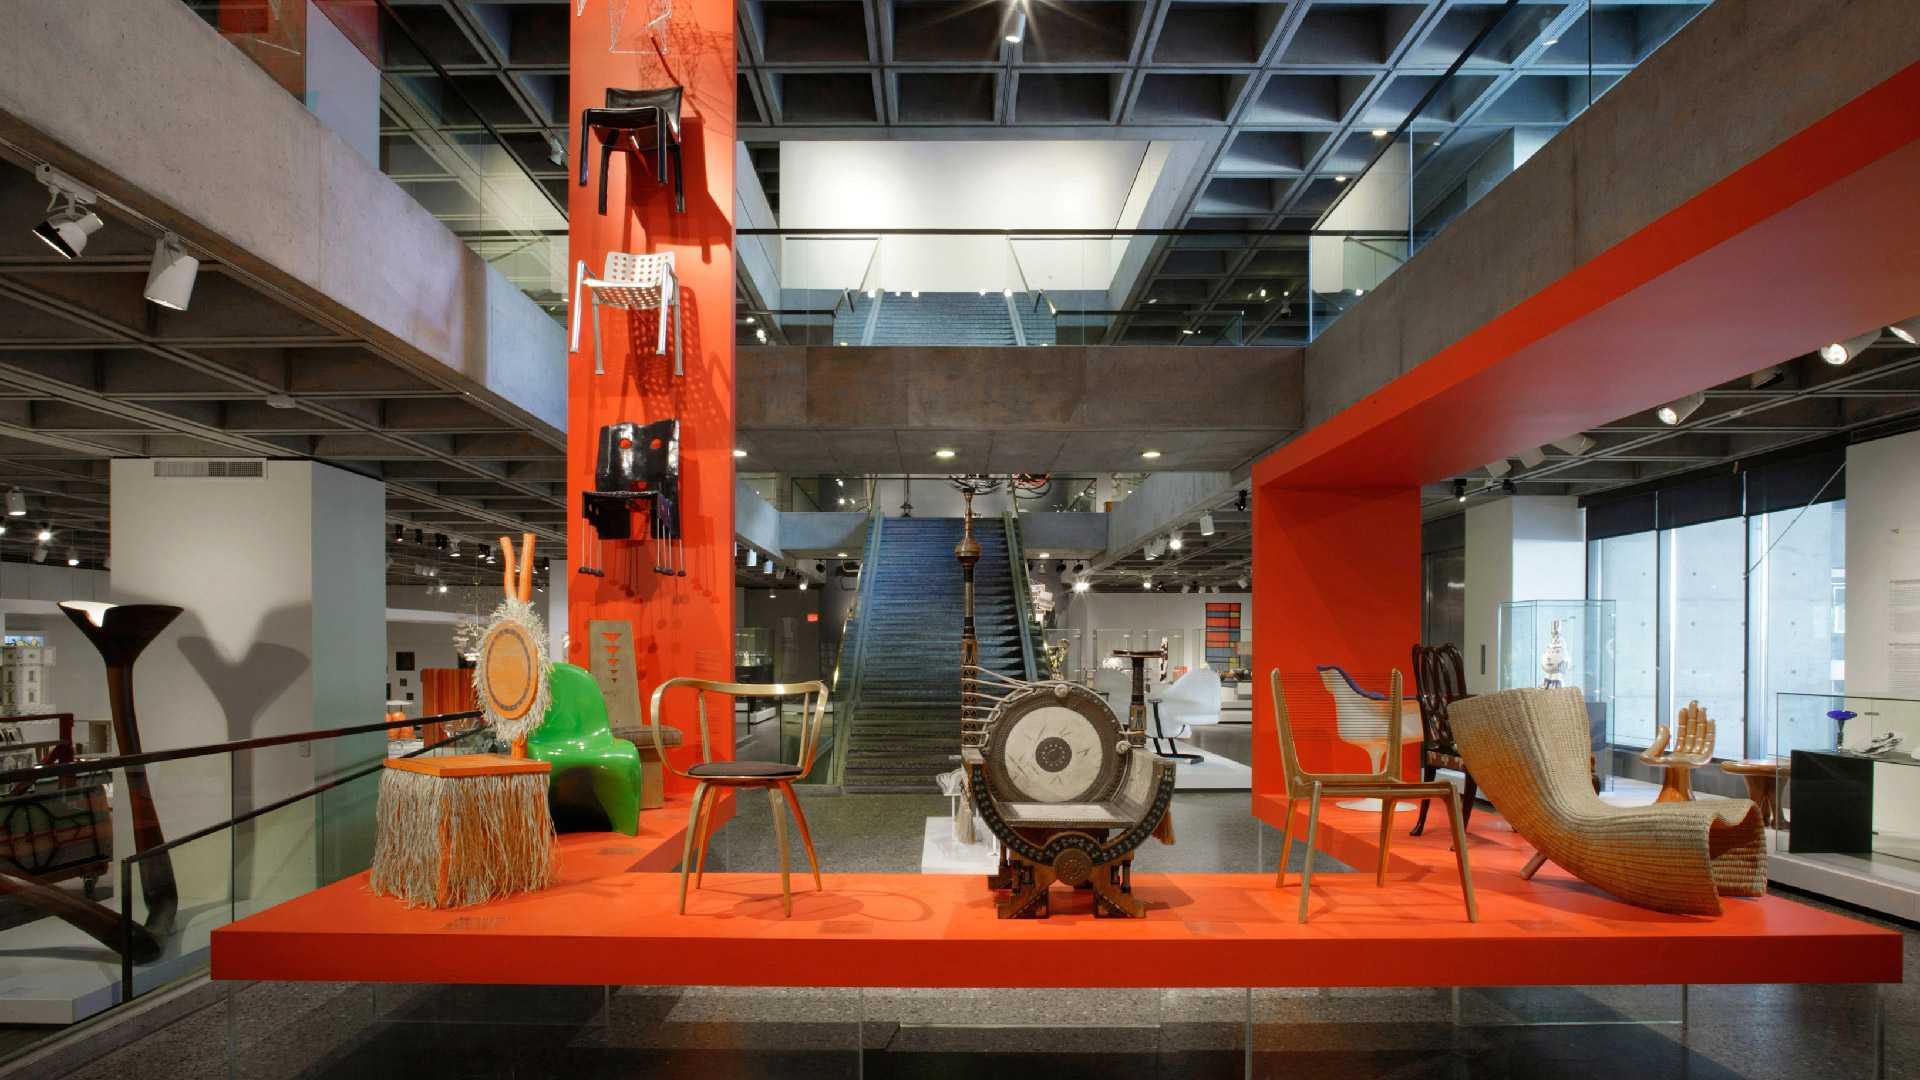 collection des Arts décoratifs et de design du Musée des beaux-arts de Montréal